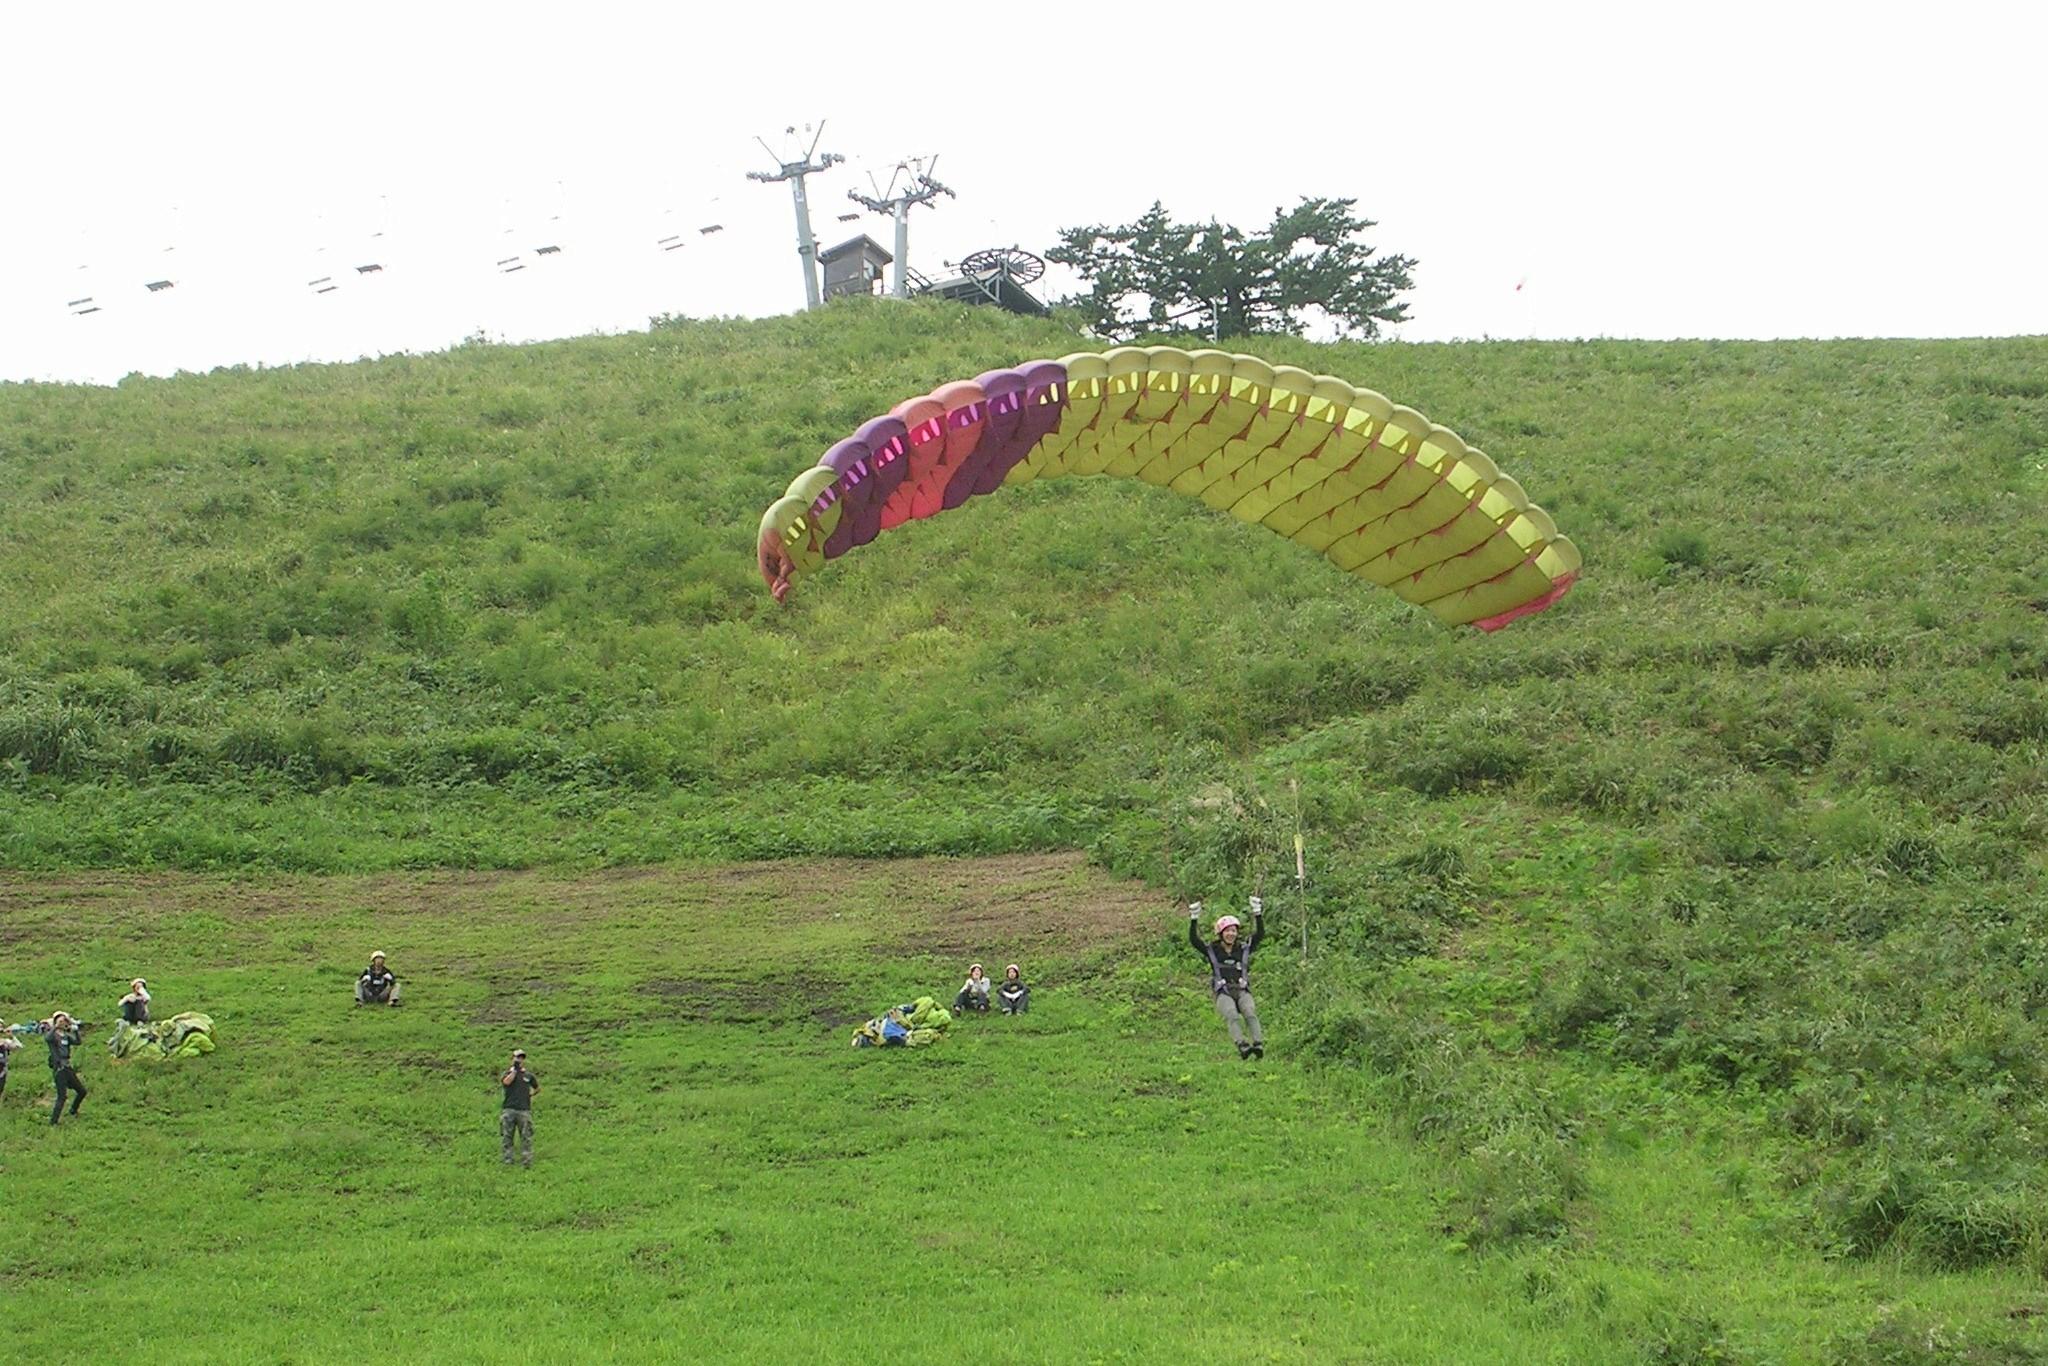 【兵庫・神鍋高原・パラグライダー】1日半の空中散歩!パラグライダーを堪能